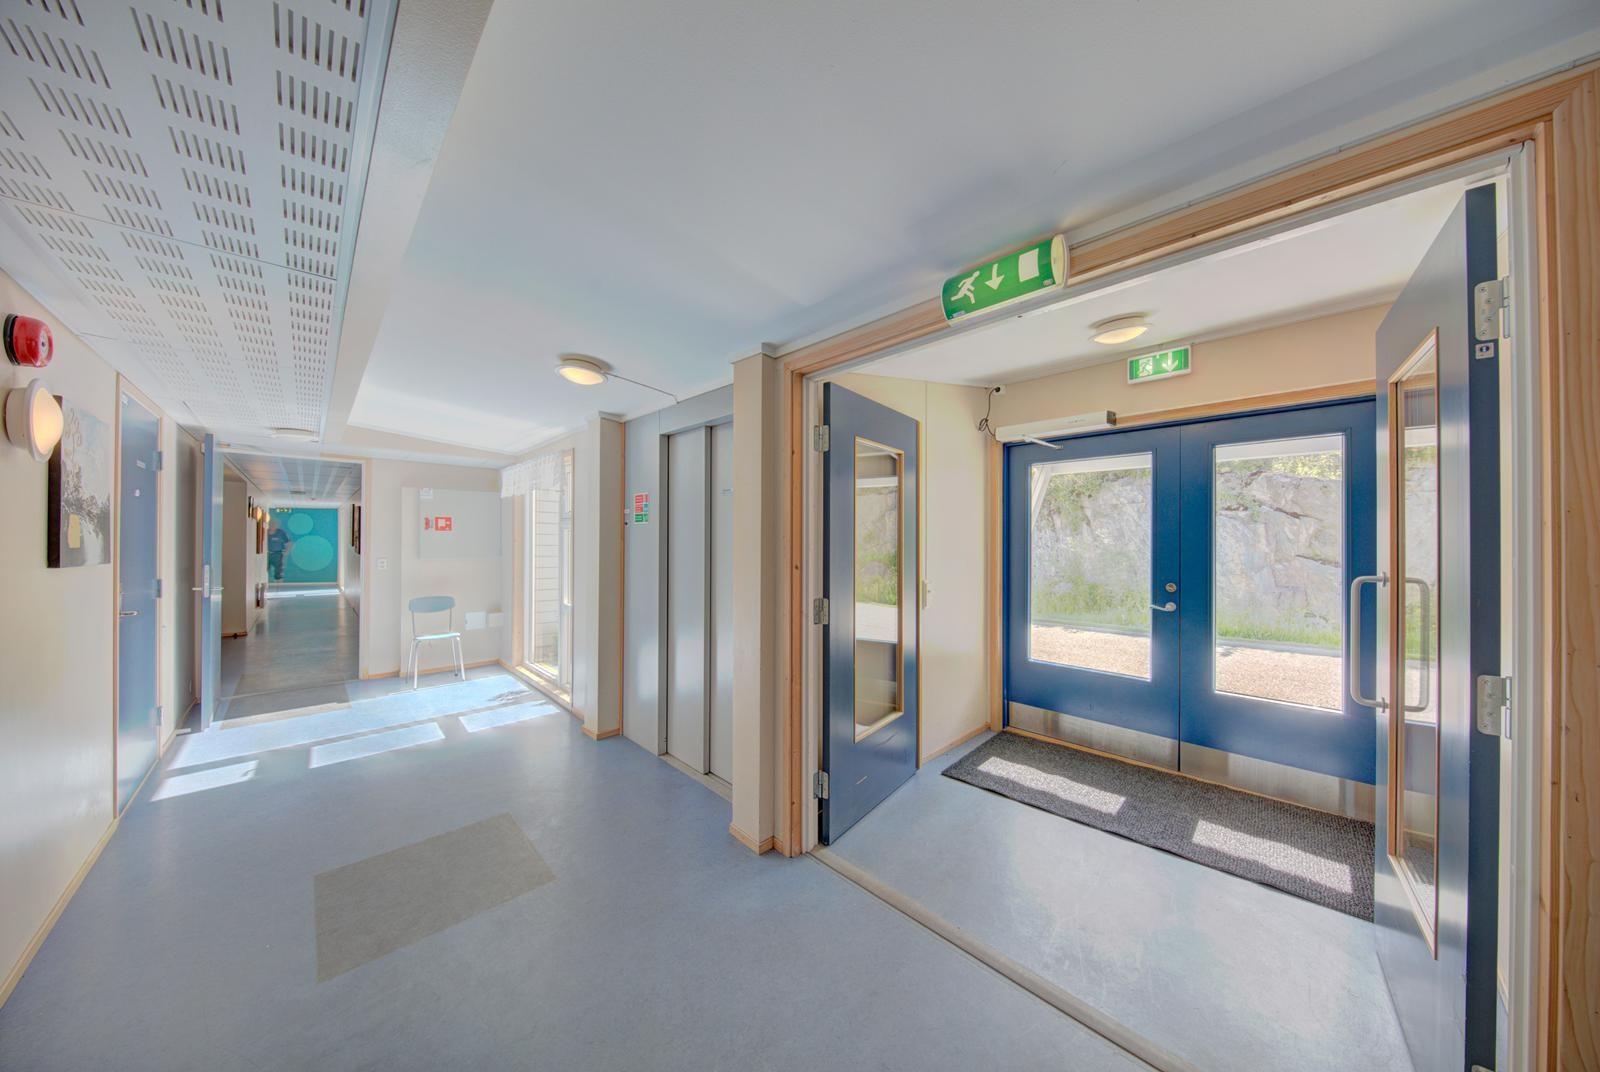 fellesgang-med-inngang-til-leilighetene-samt-badtoalett-tilknyttet-selskapsrom